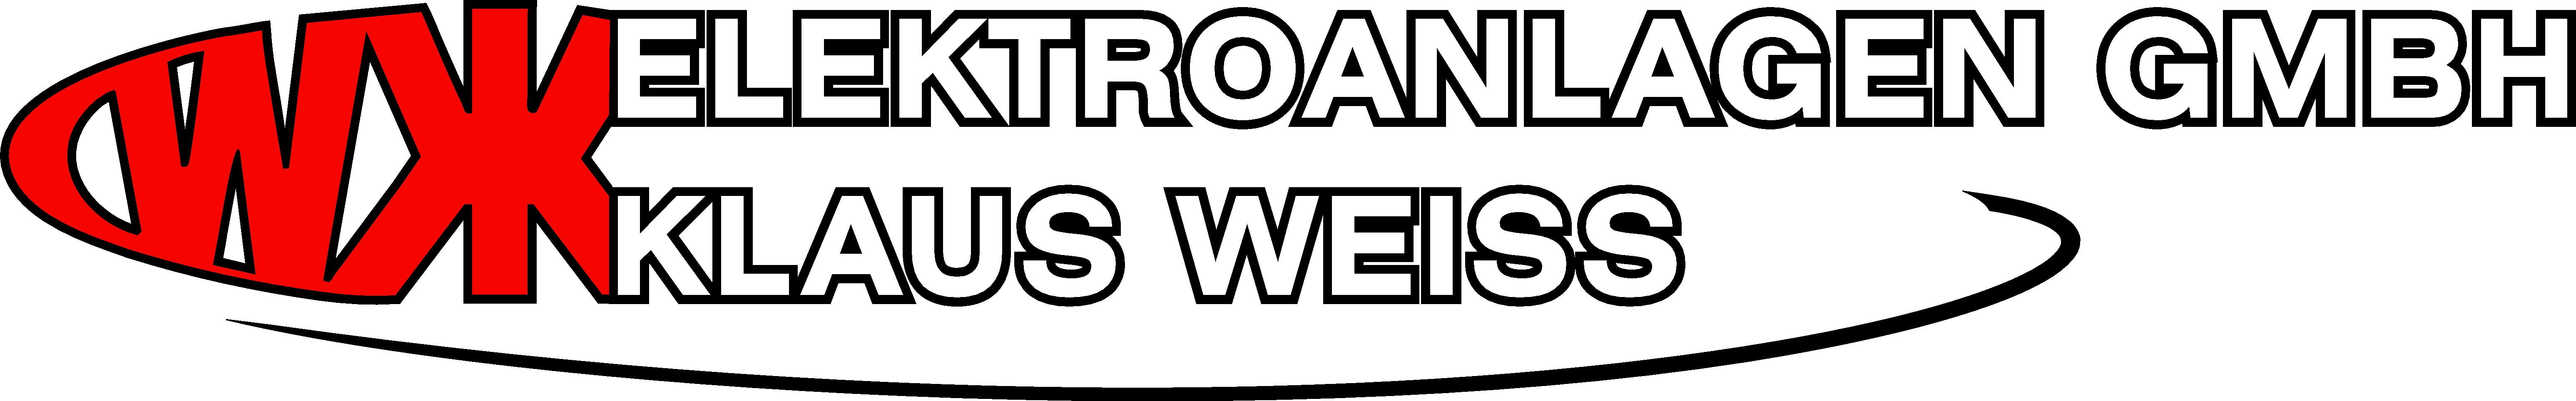 Elektroanlagen GmbH Klaus Weiss